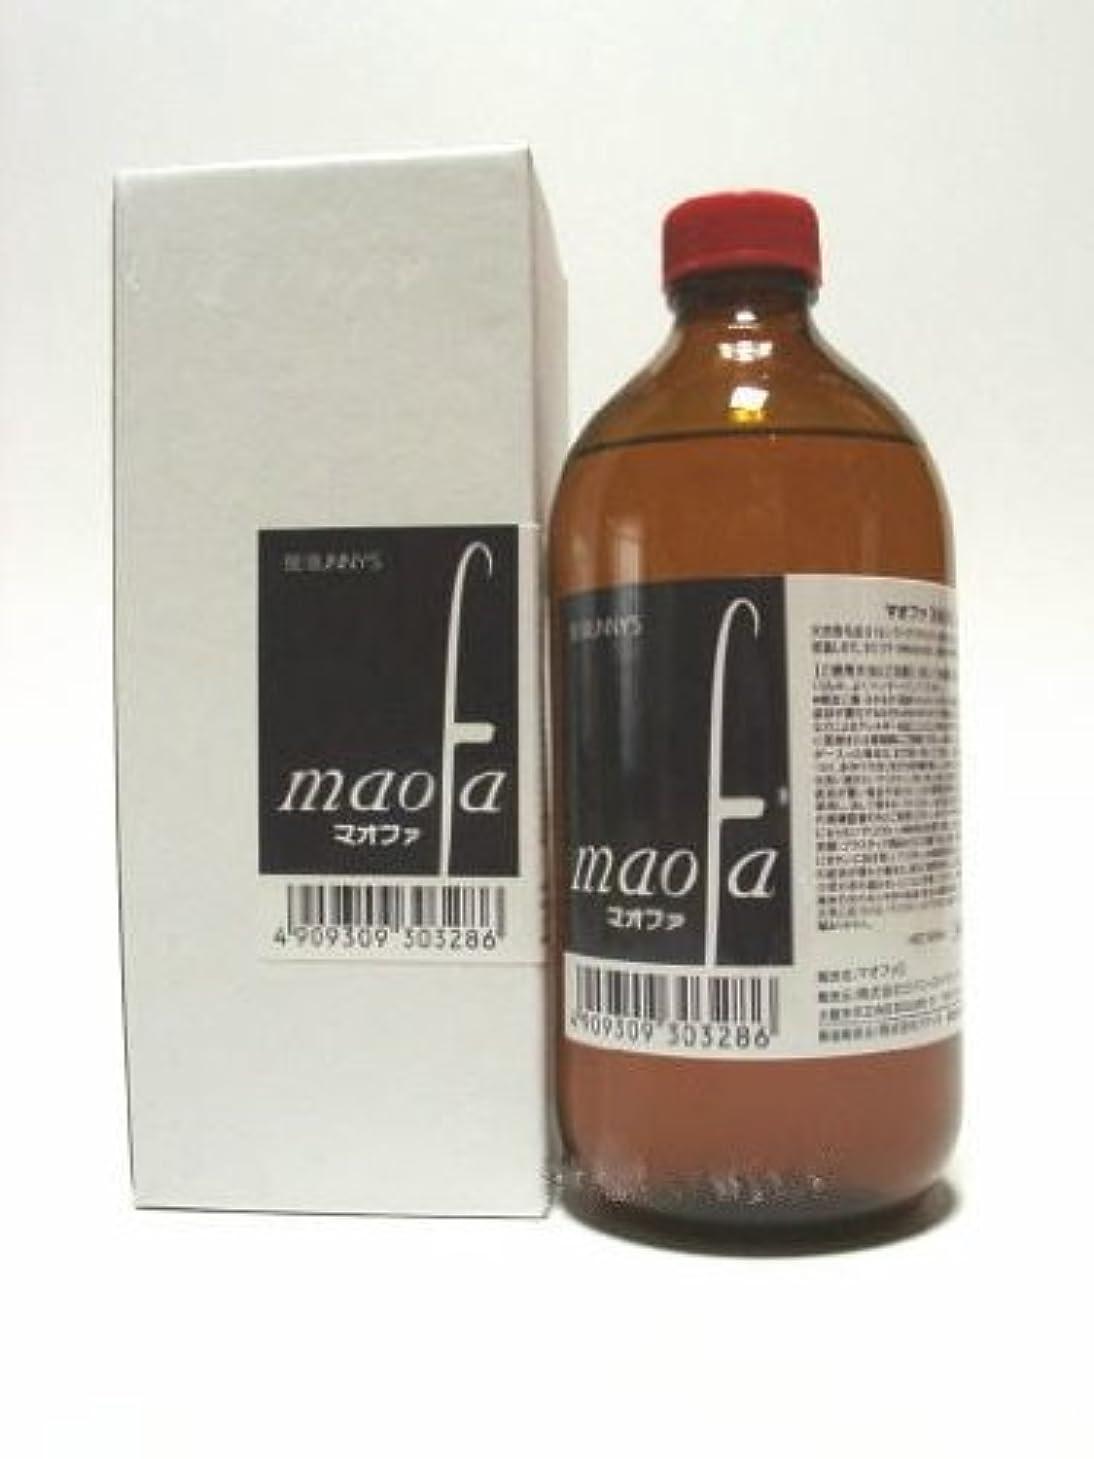 流行しているする必要がある独立した【ロイヤル?アストレア】脂性肌薬用育毛剤 マオファD 500ml